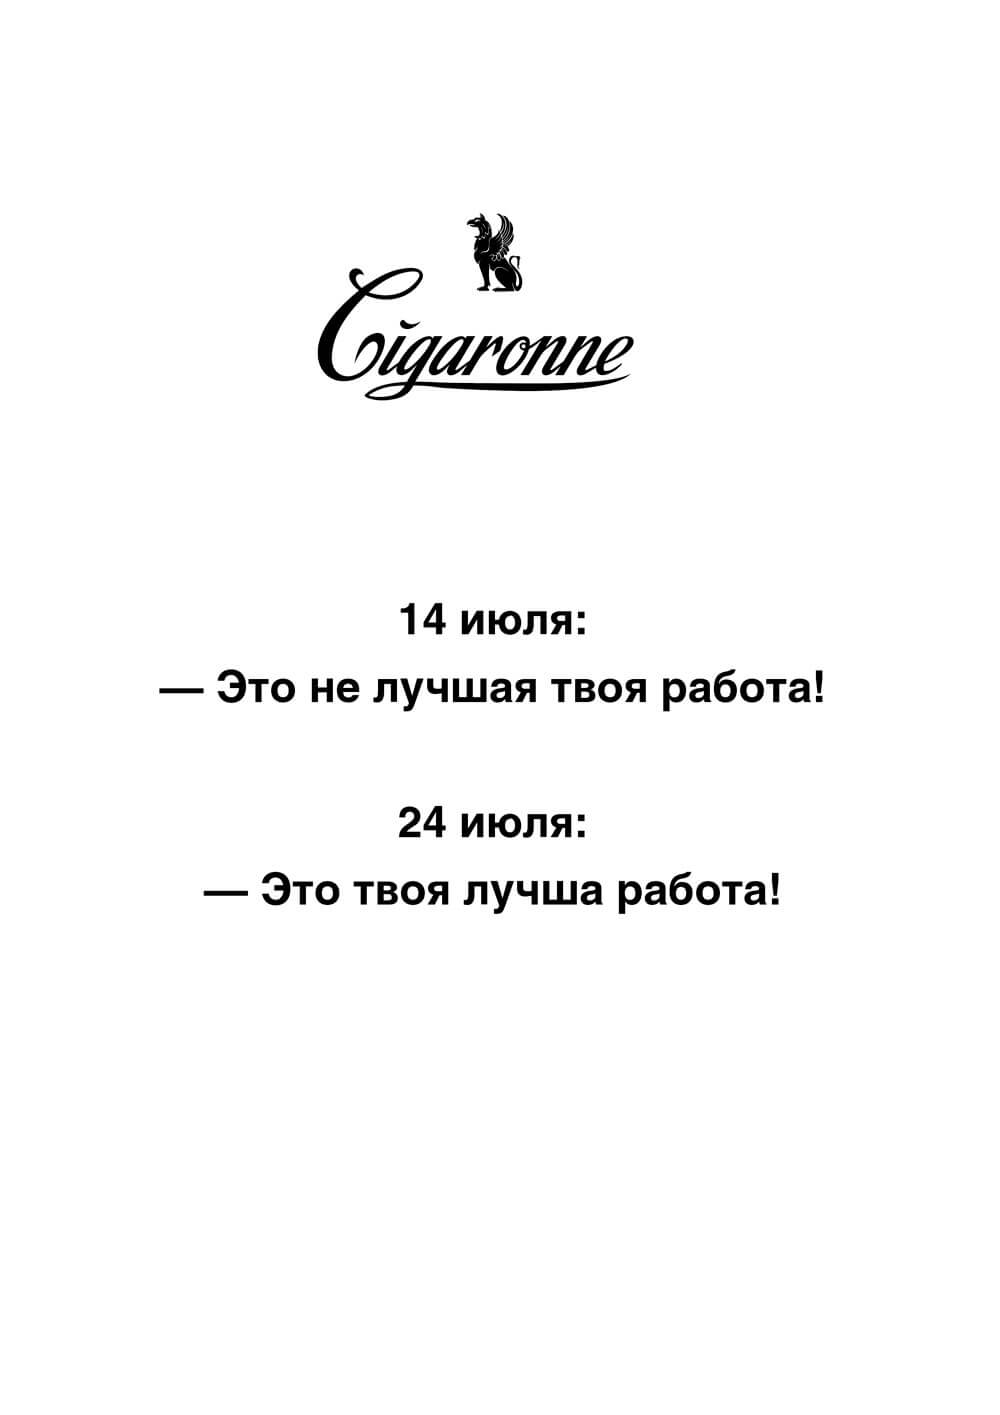 Отзыв от заказчика промо-сайта cigaronne.ge